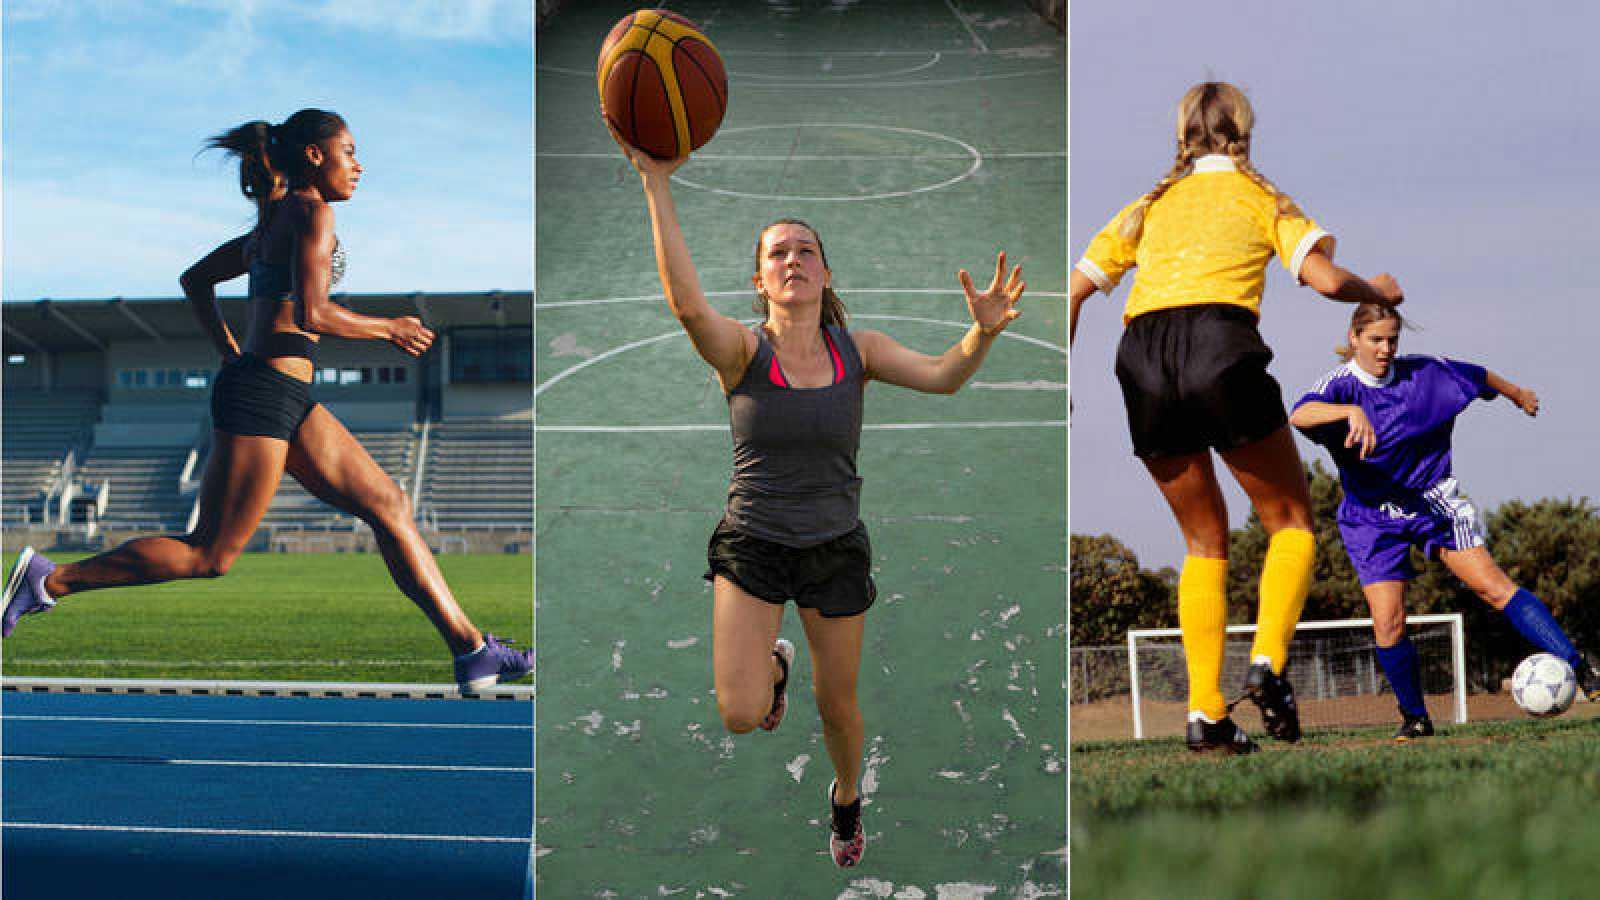 Imágenes de archivo de varias deportistas practicando atletismo, baloncesto y fútbol